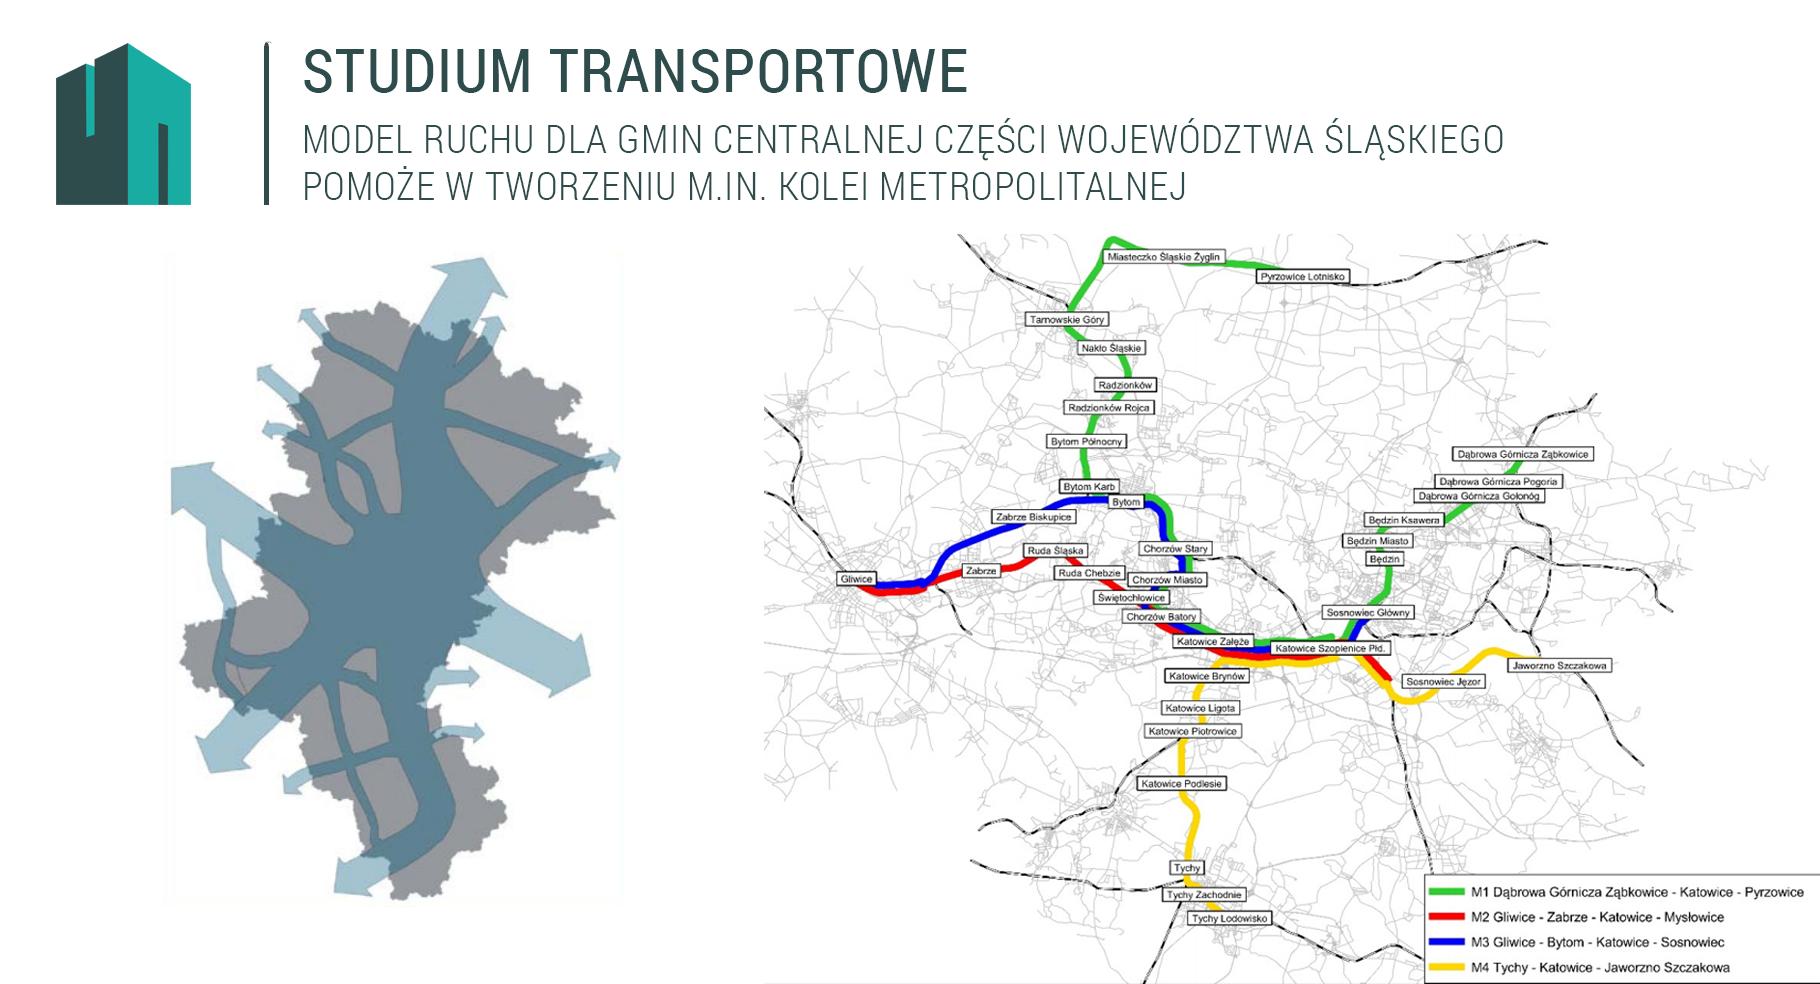 Studium Transportowe Województwa Śląskiego